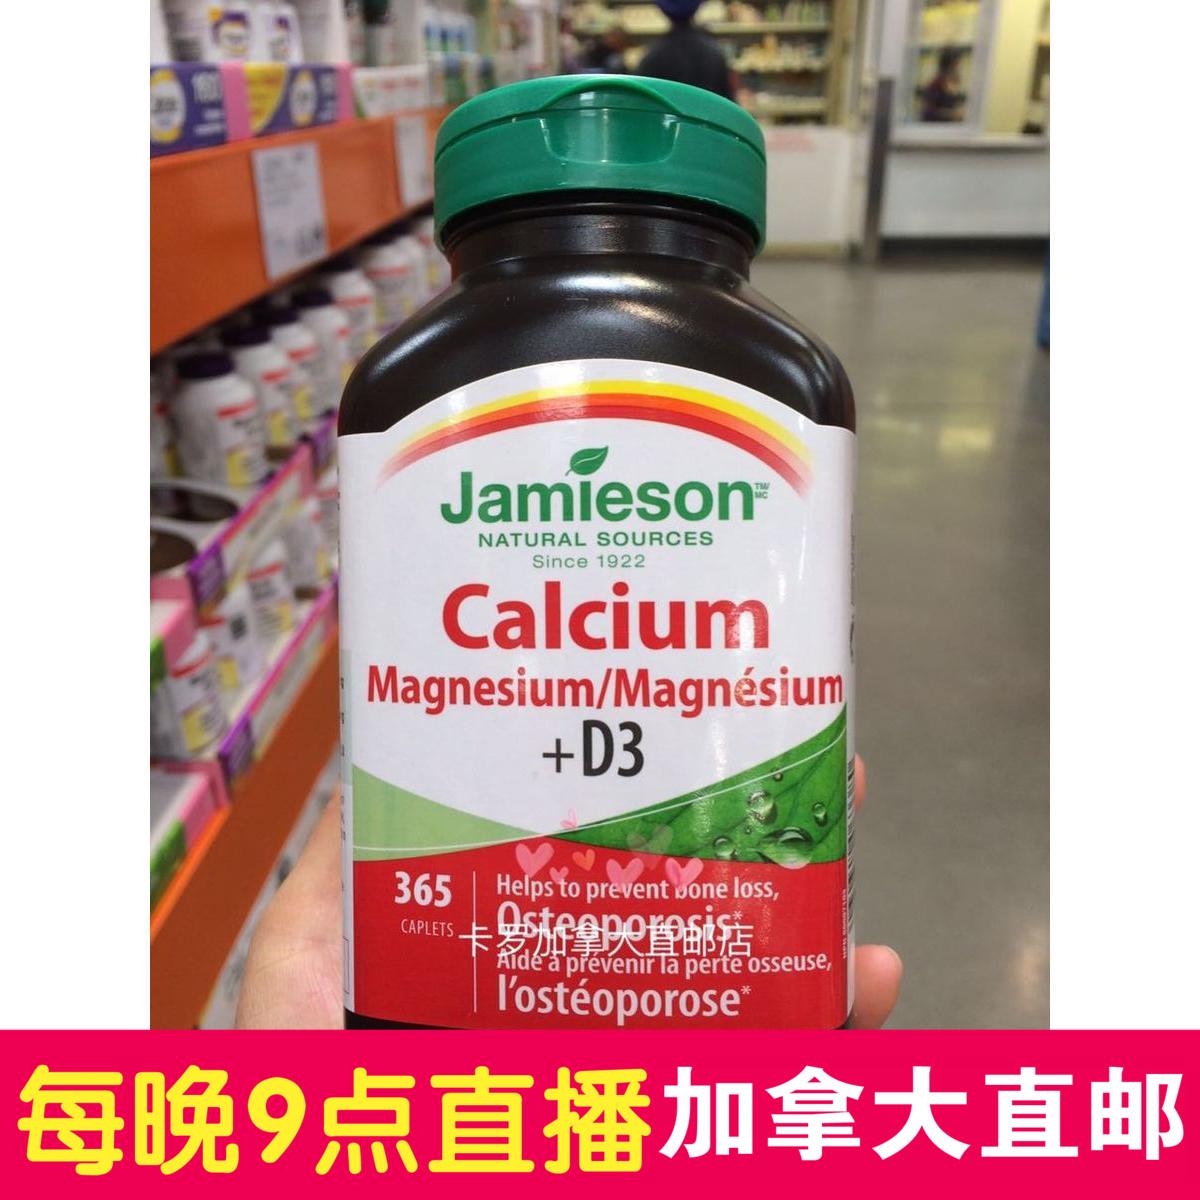 2 белый пакет канада Jamieson сильный и красивый сырье кальций магний D3 для взрослых / старики / беременна подача период кальций лист 365 зерна